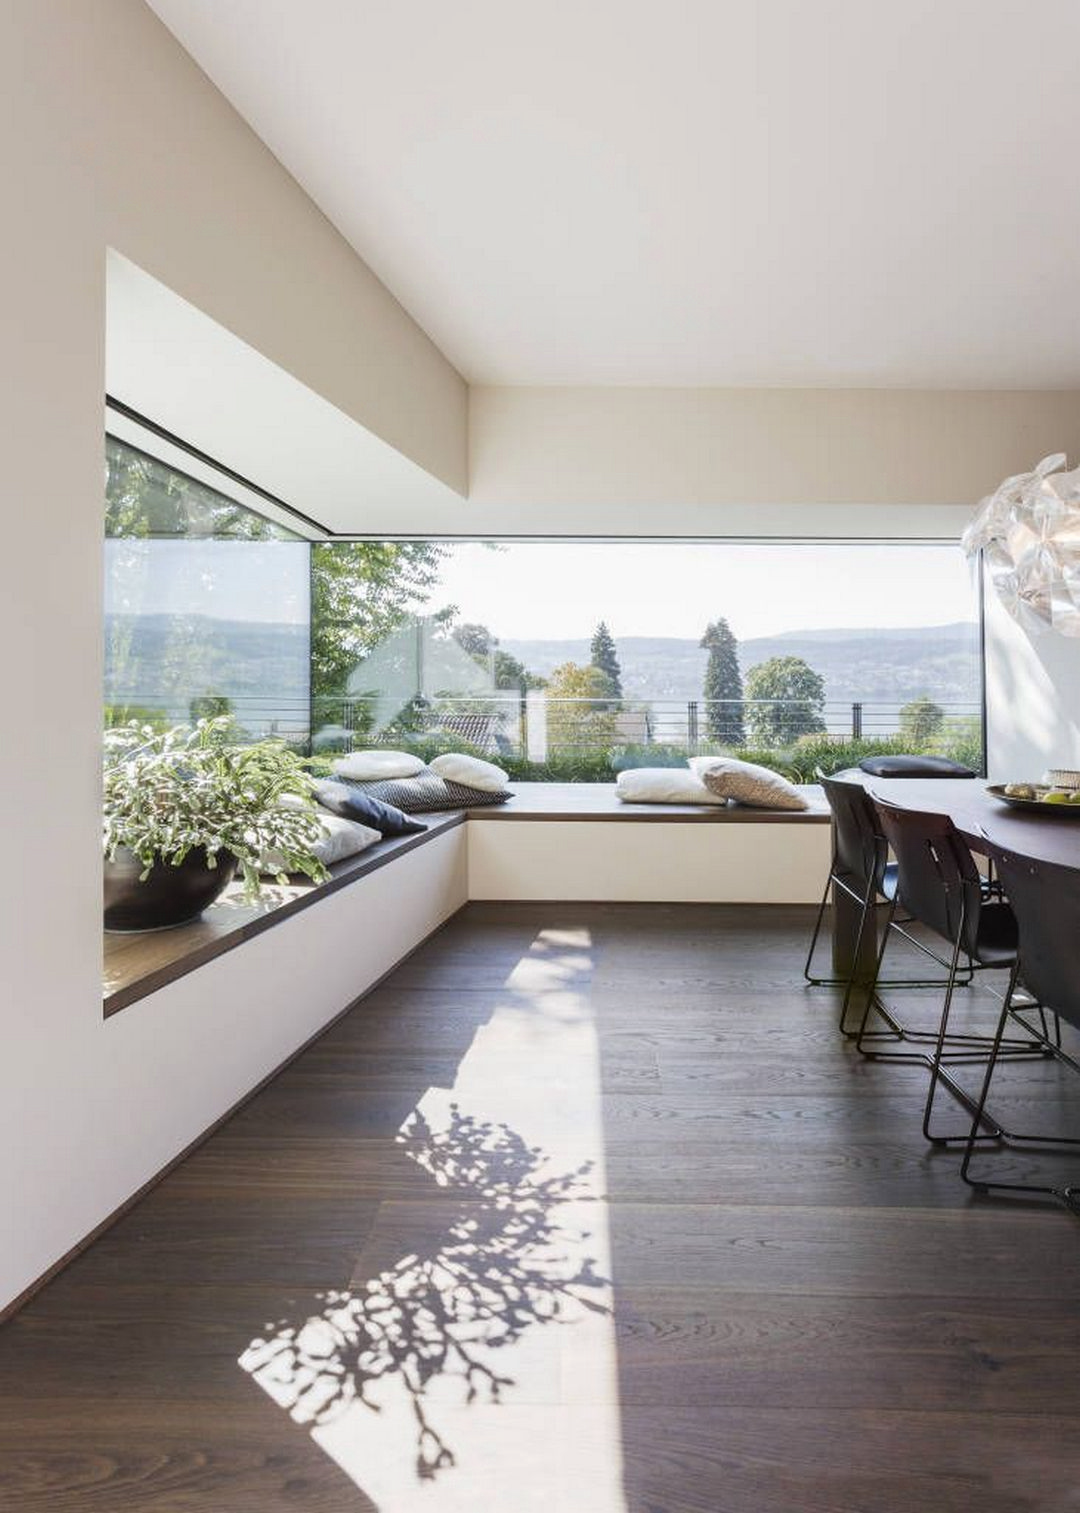 Objekt 336 Residence By Meier Architekten. Zurich Switzerland    Architecture And Home Decor   Bedroom   Bathroom   Kitchen And Living Room  Interior Design ...